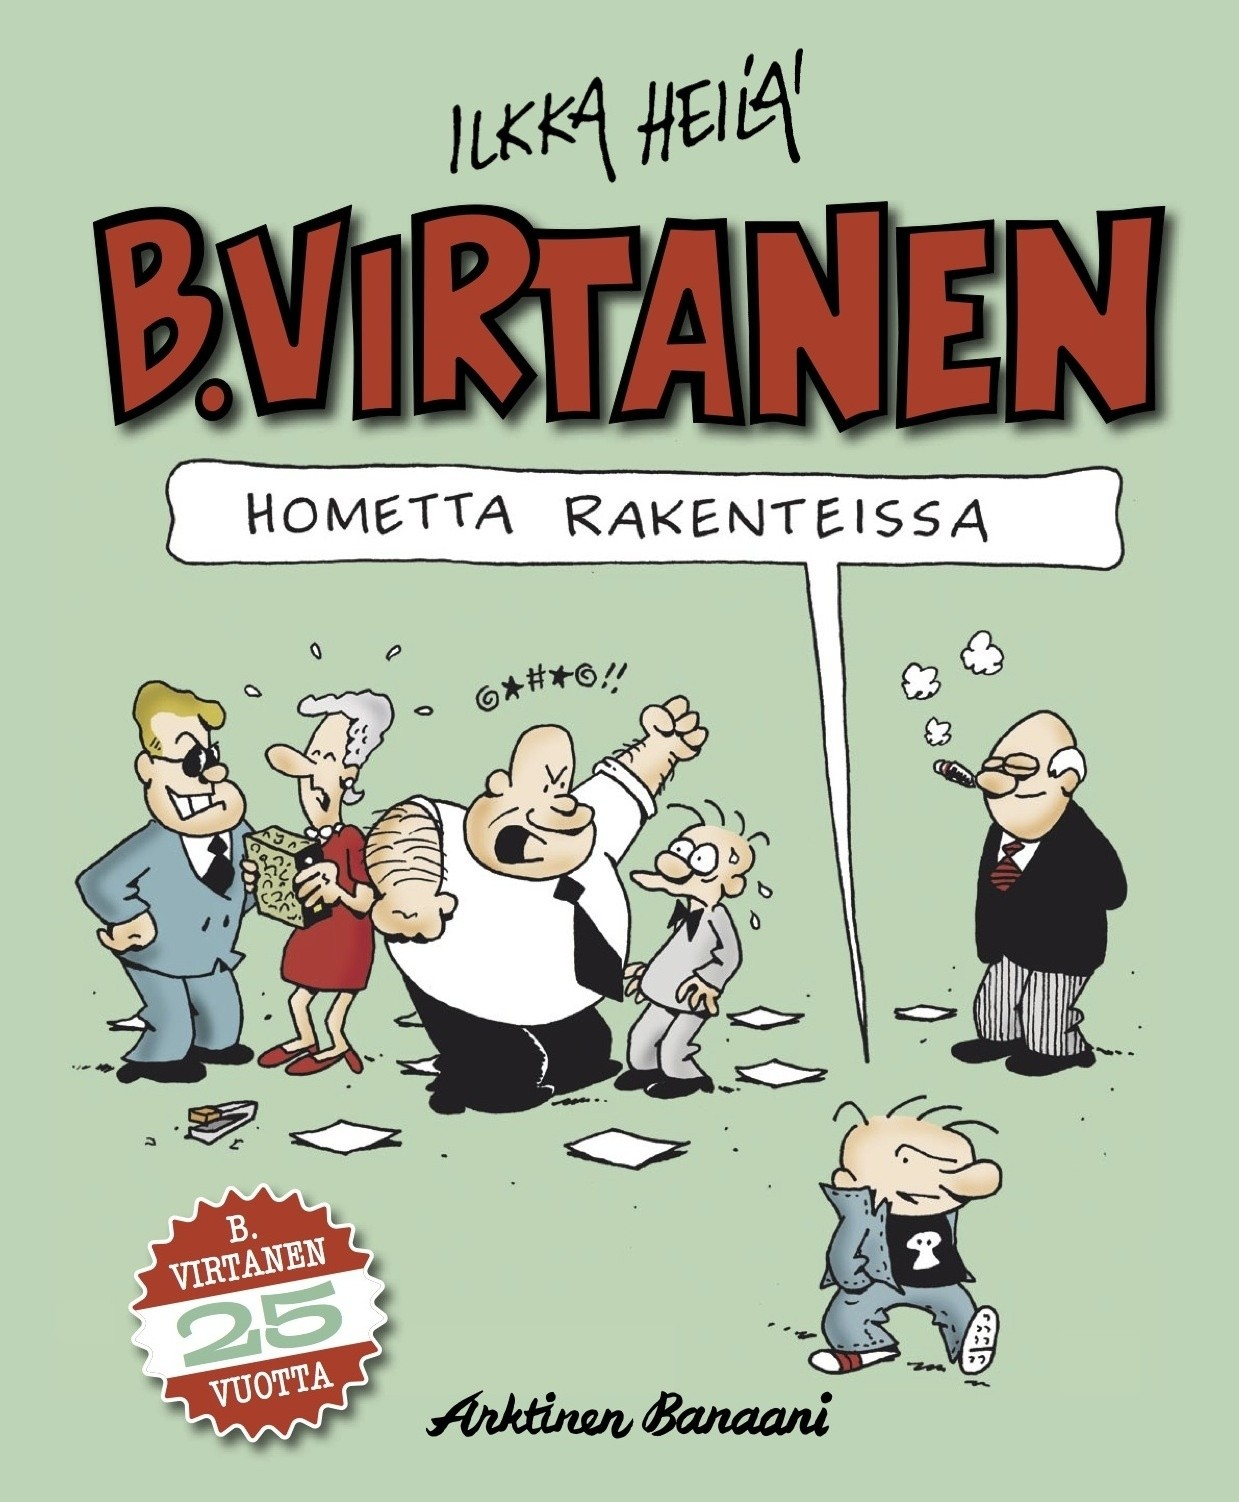 B Virtanen Sarjakuva Netissä